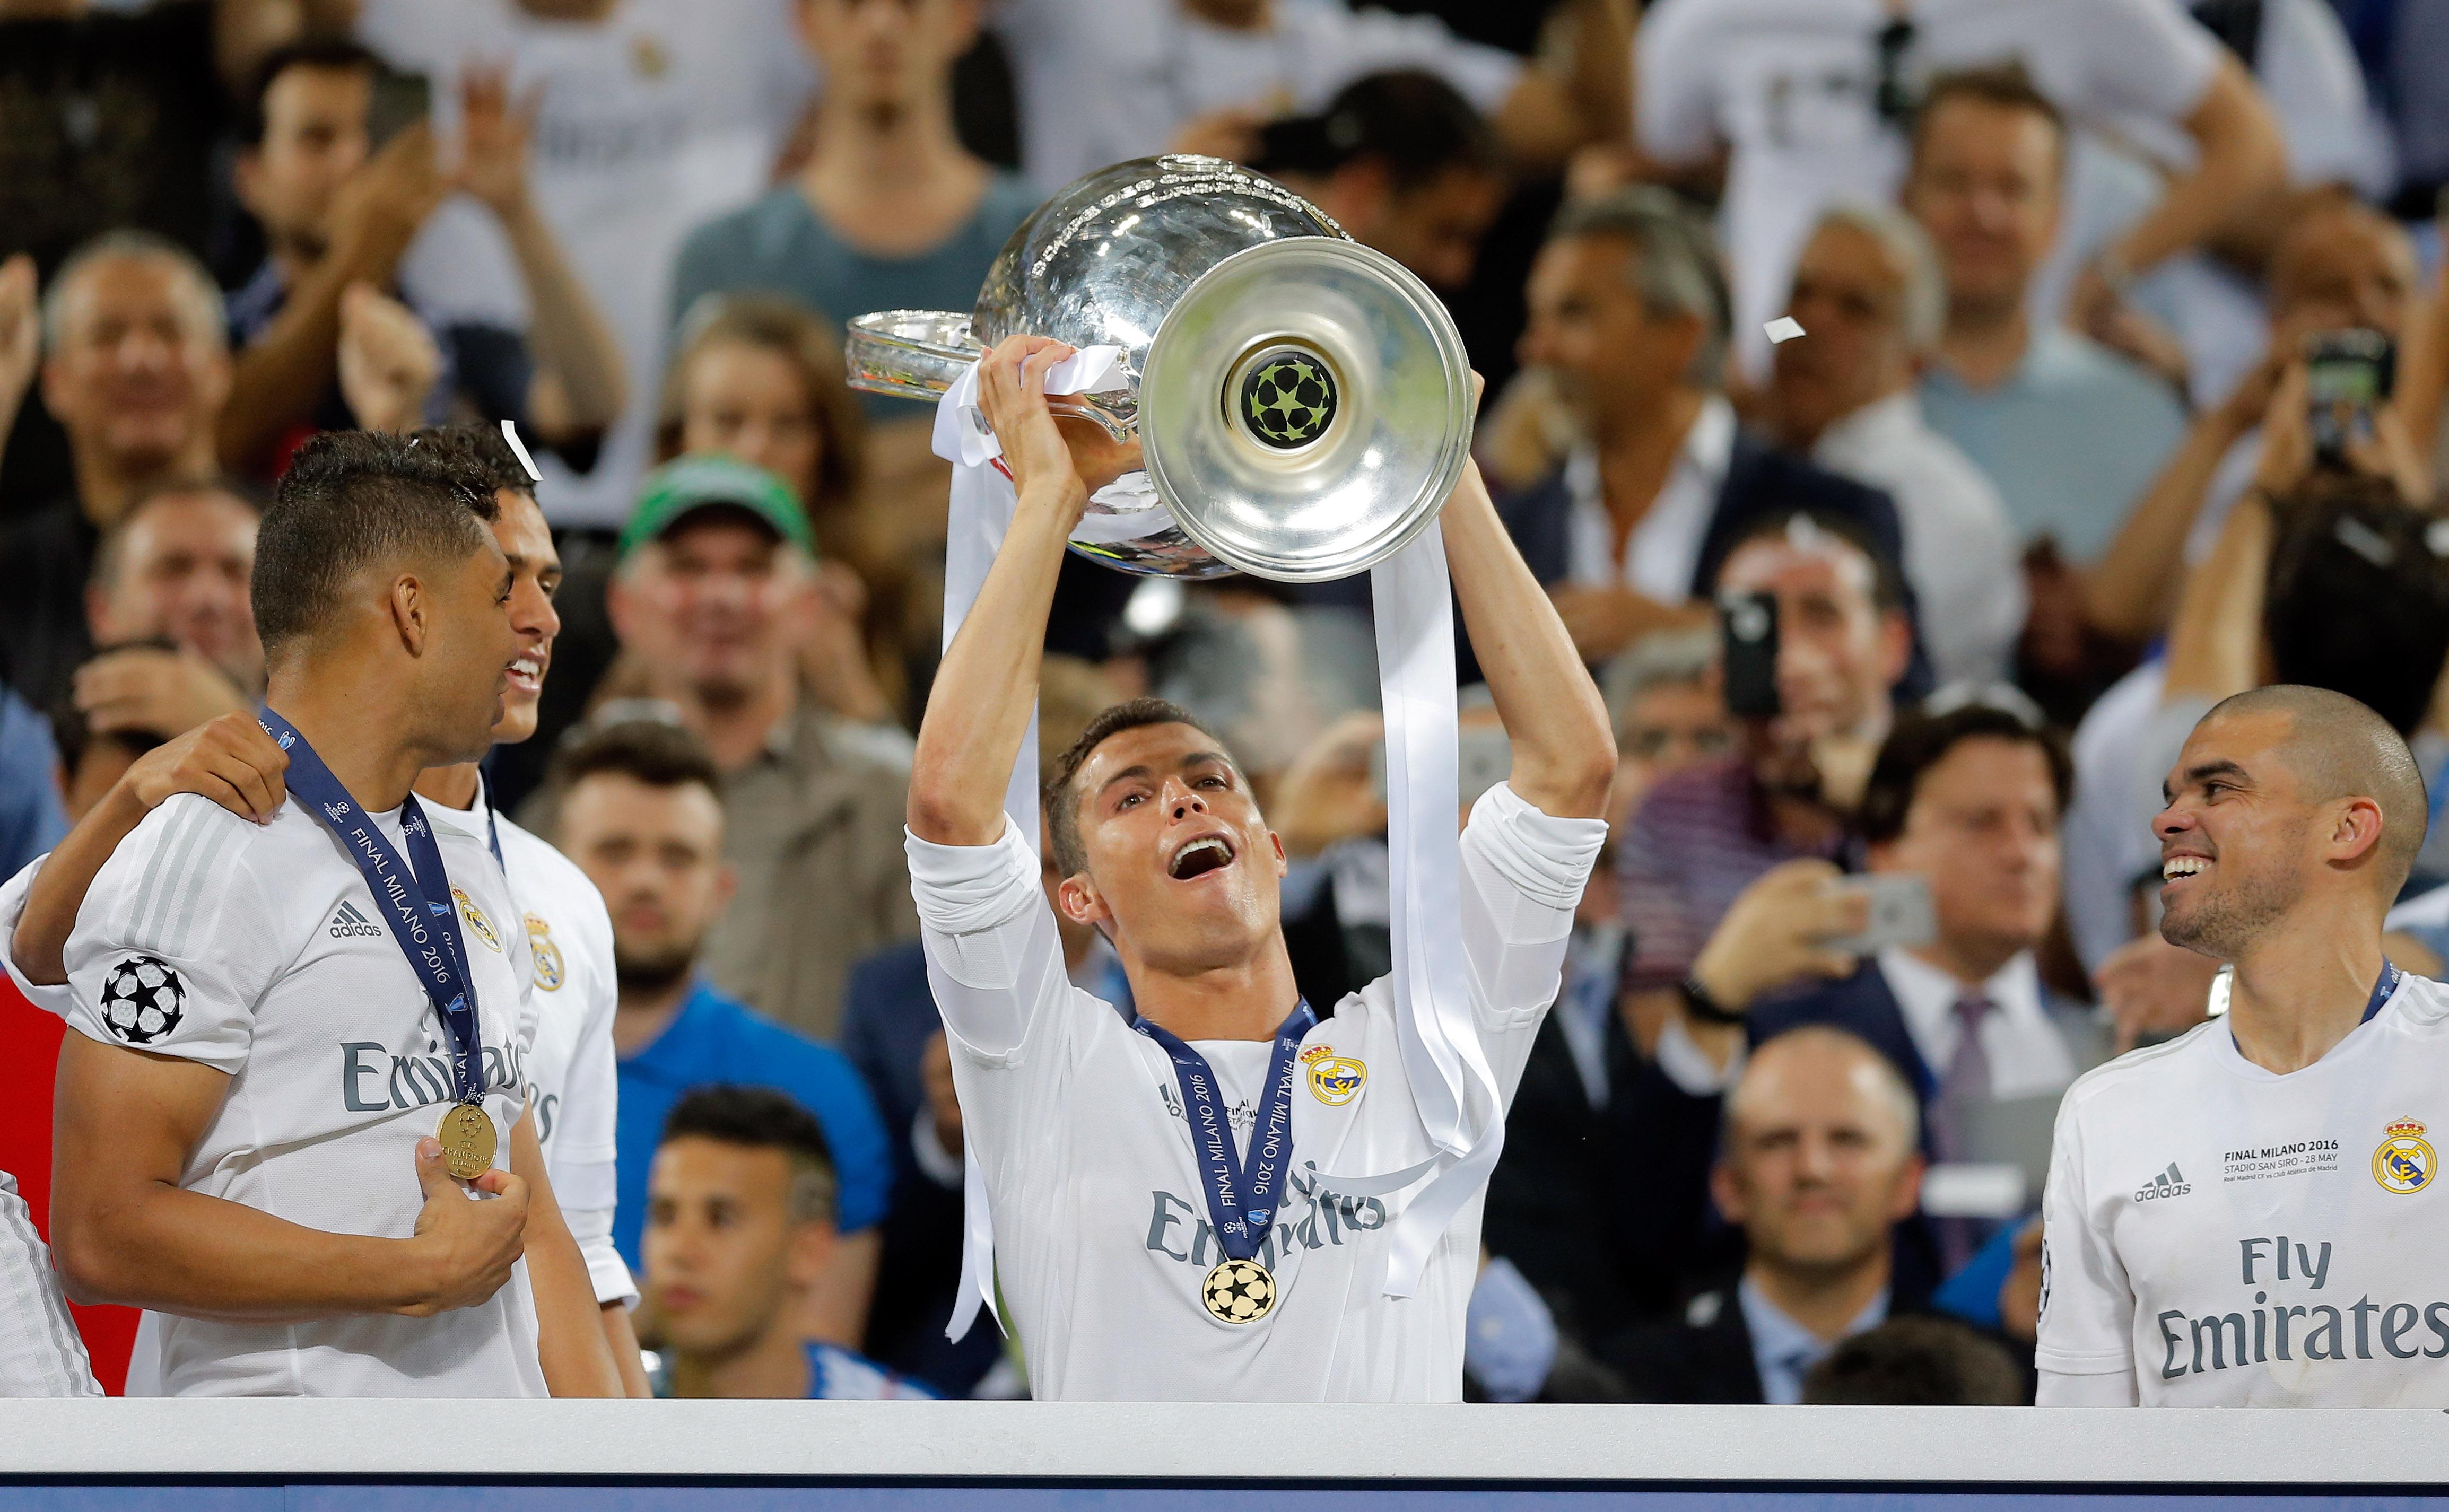 Miglior allenatore FIFA, Cristiano Ronaldo svela: